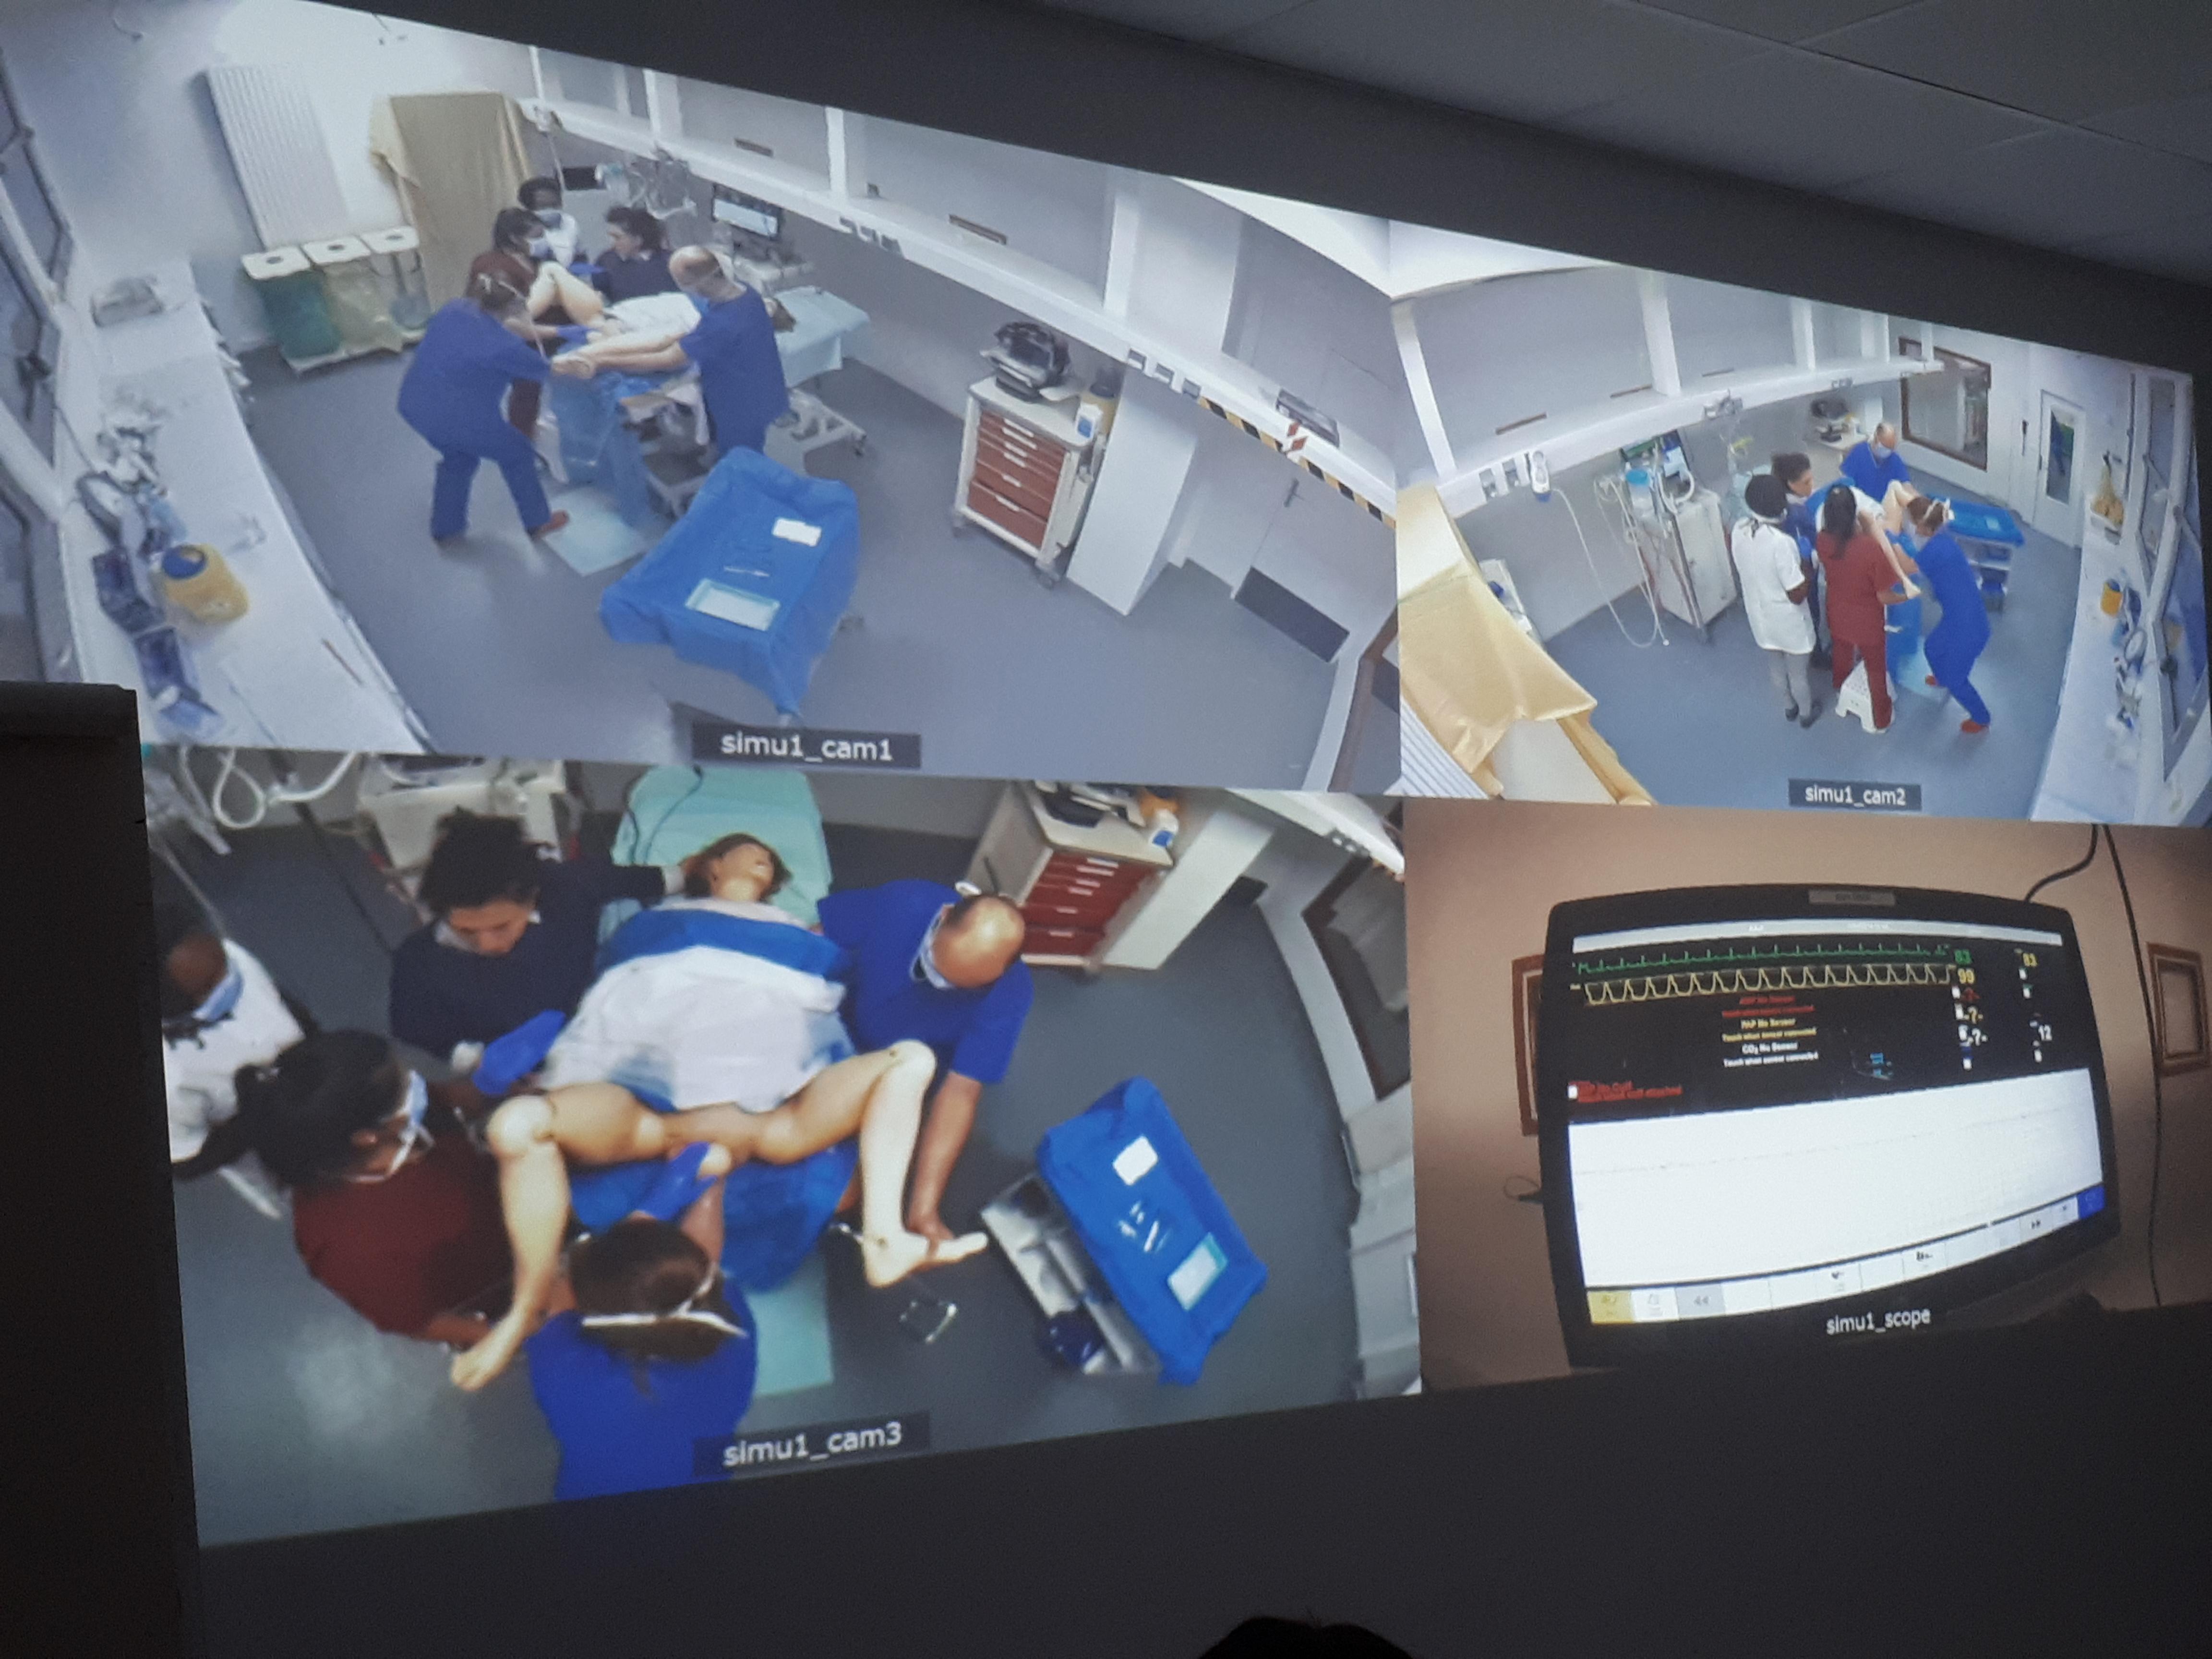 la simulation de santé à l'ifps de la fondation oeuvre de la croix saint simon